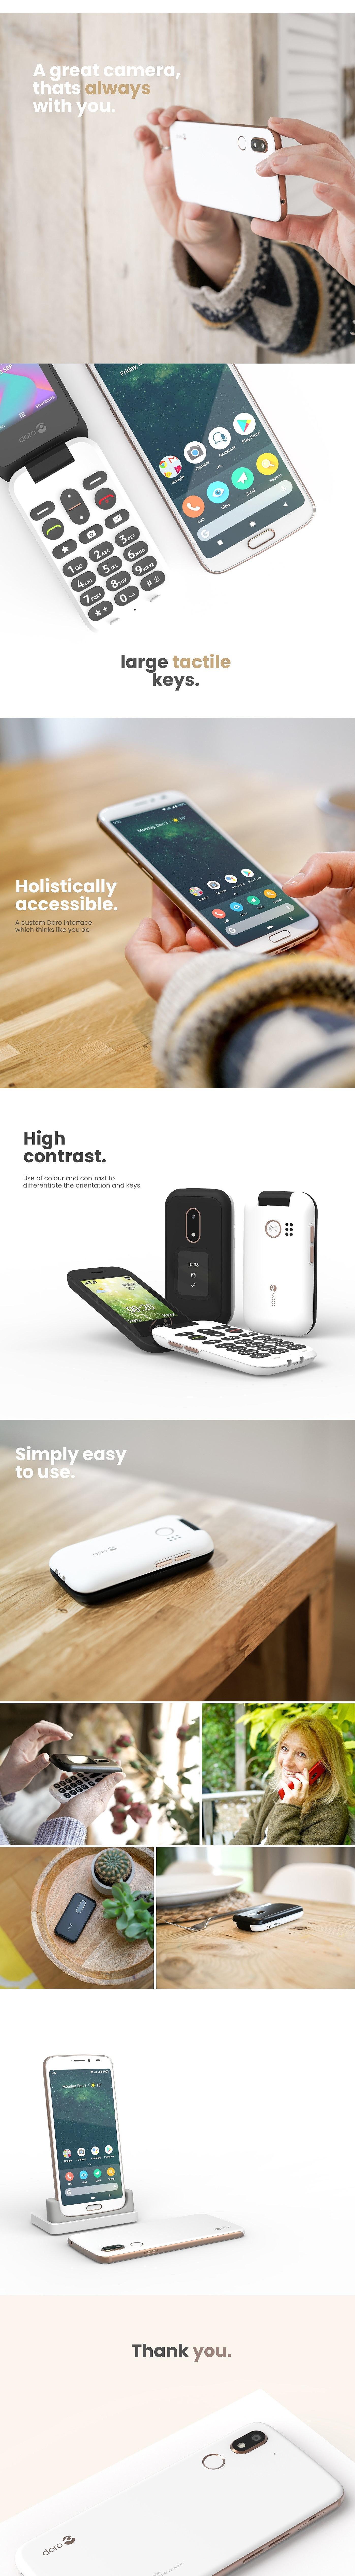 老年人也可以轻松应用的手机上